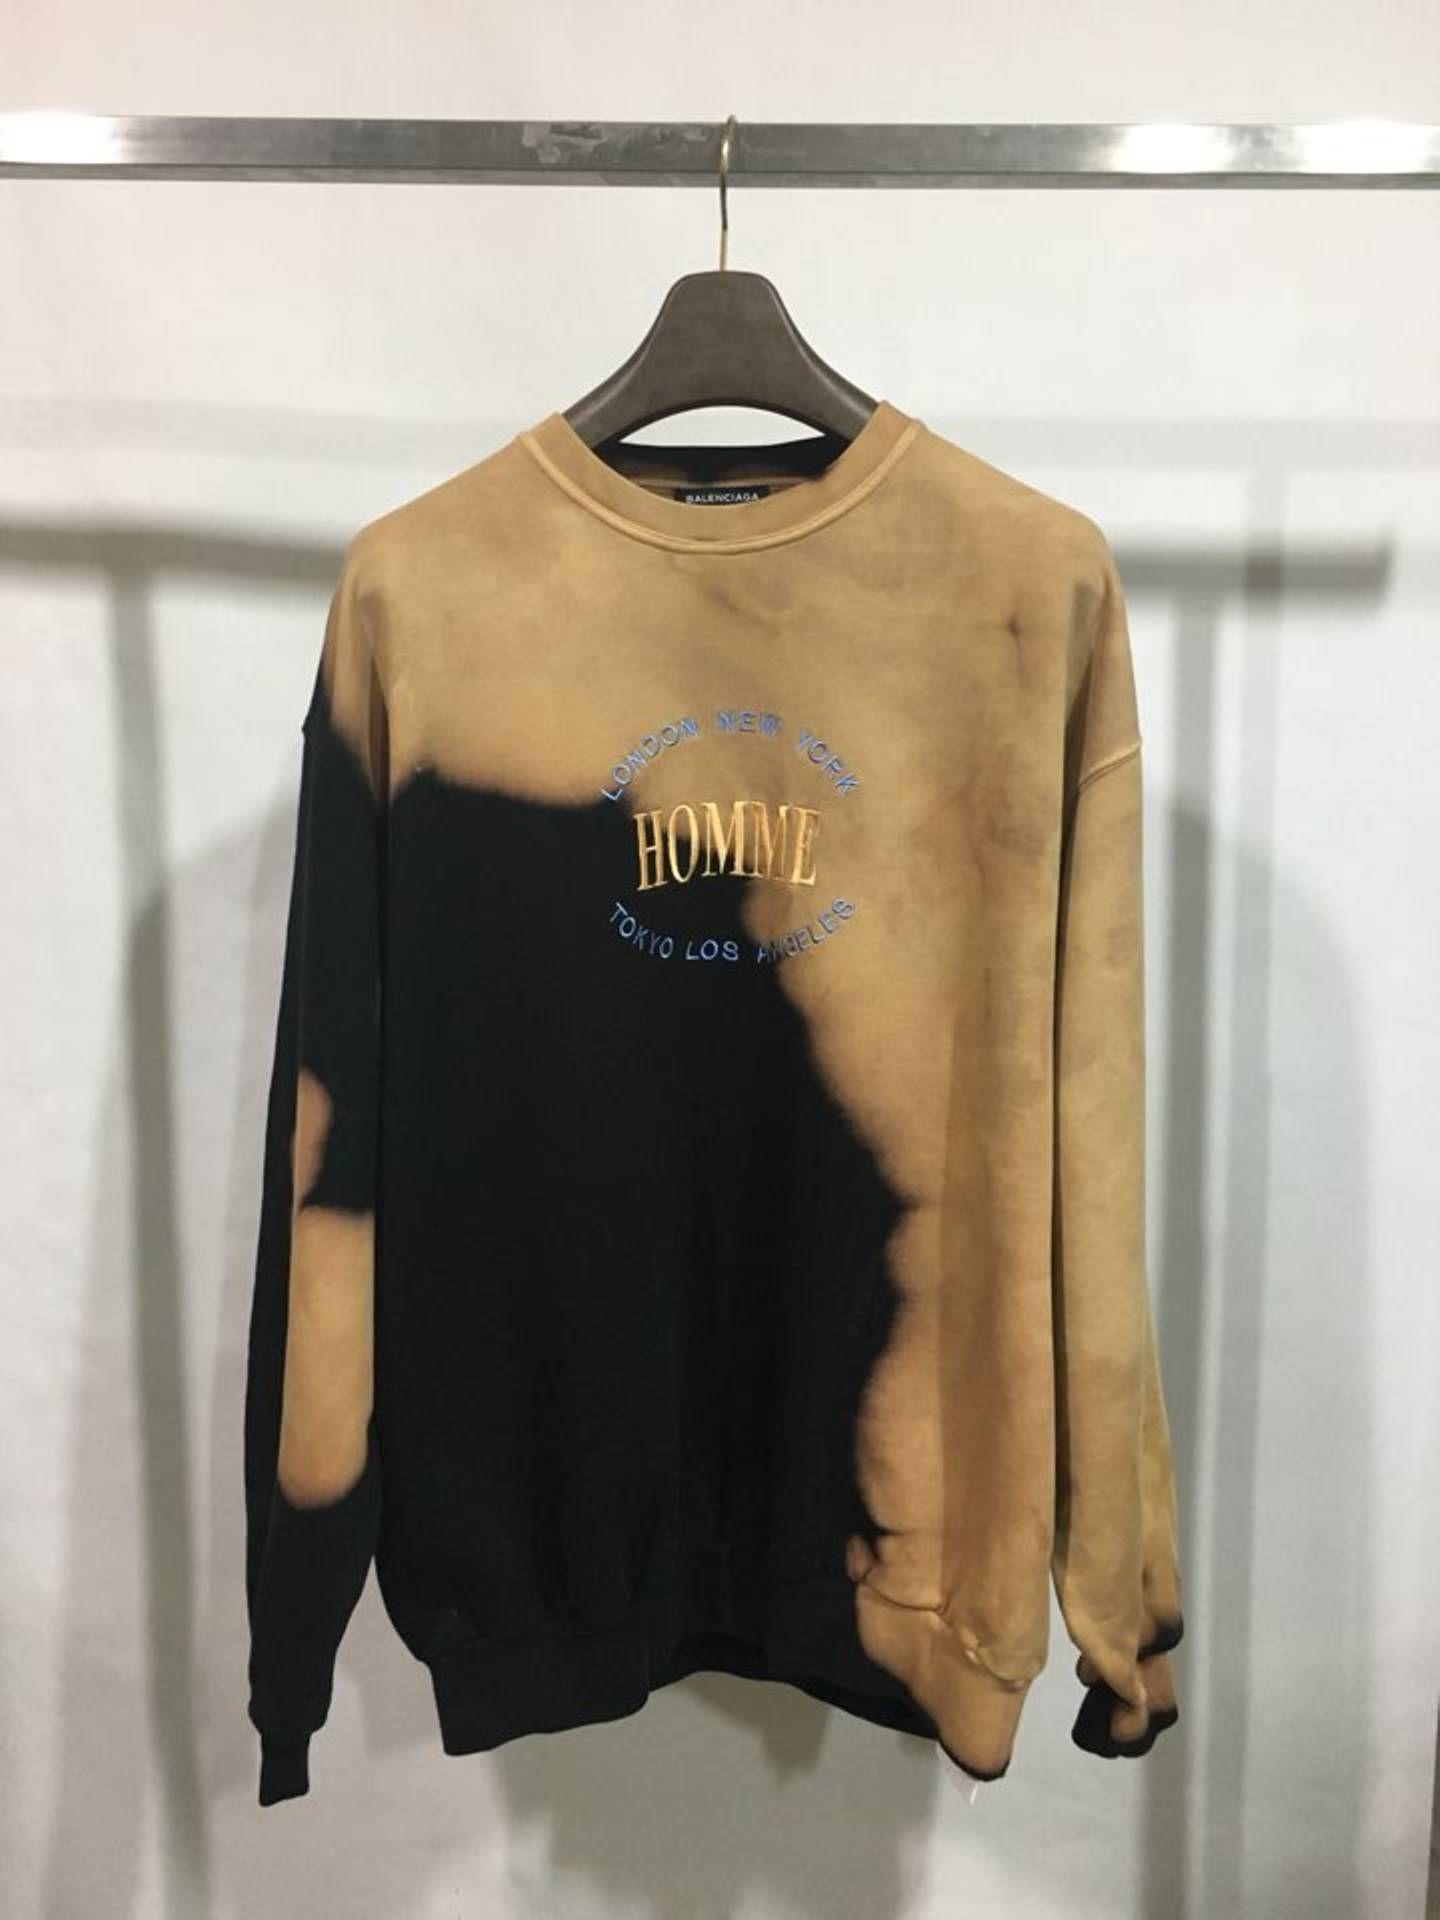 ffe05039e918 Balenciaga Homme Sweatshirt in 2019 | May 2018 Style | Balenciaga ...